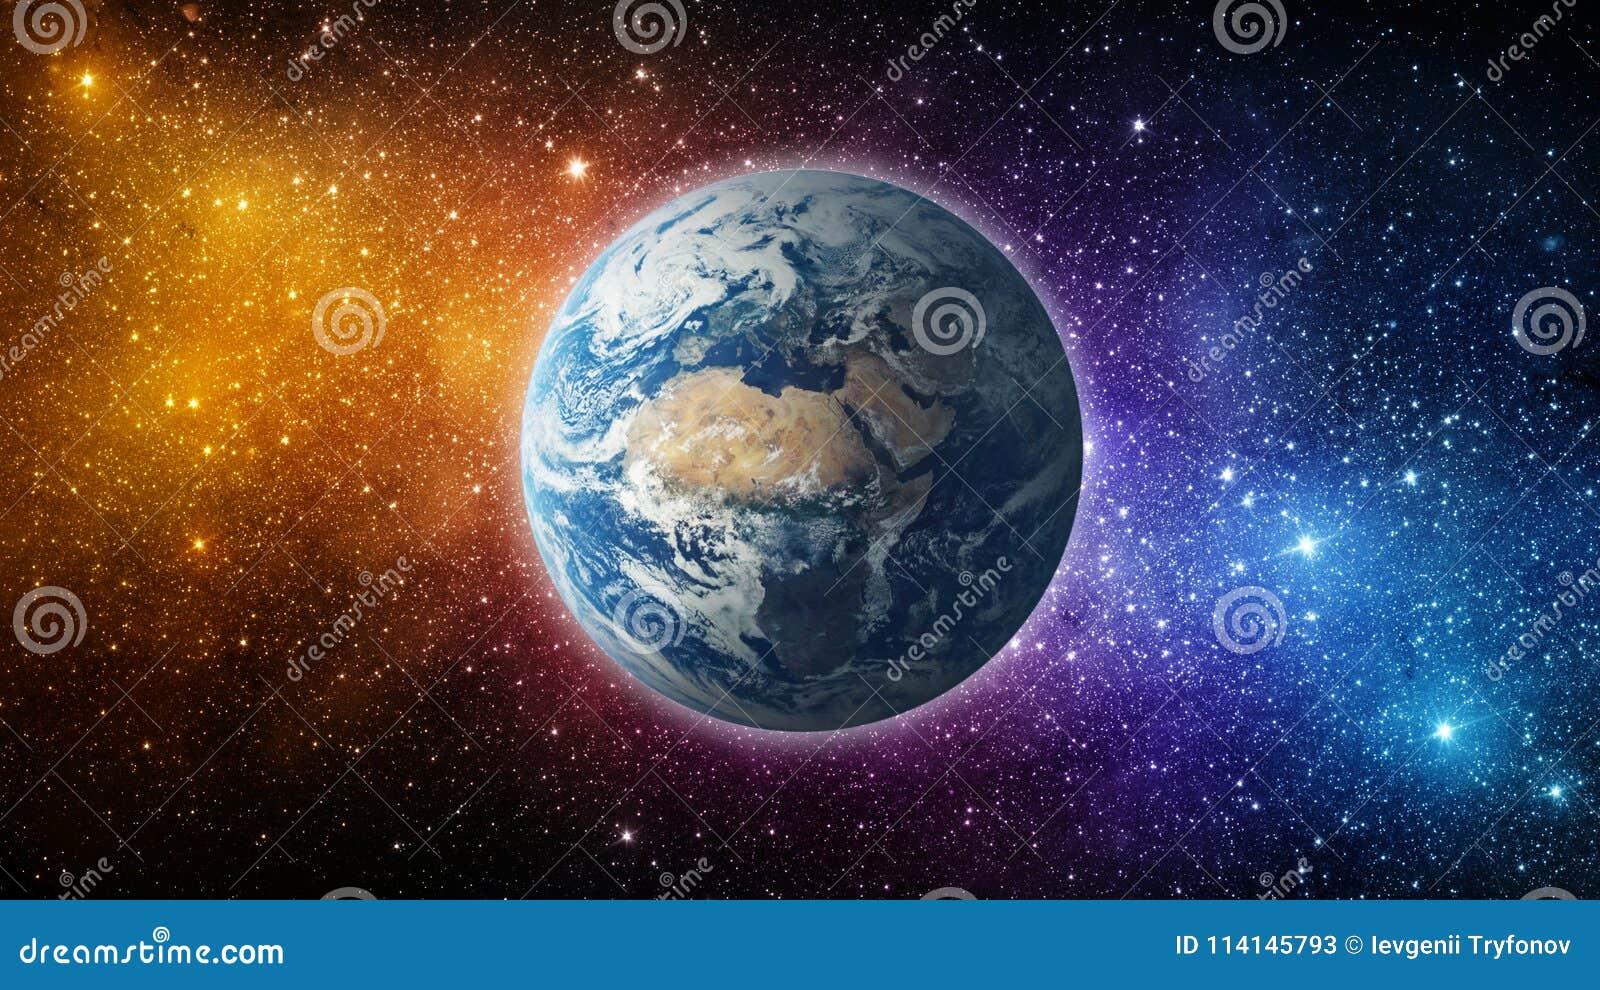 Γη, ήλιος, αστέρι και γαλαξίας Ανατολή πέρα από το πλανήτη Γη